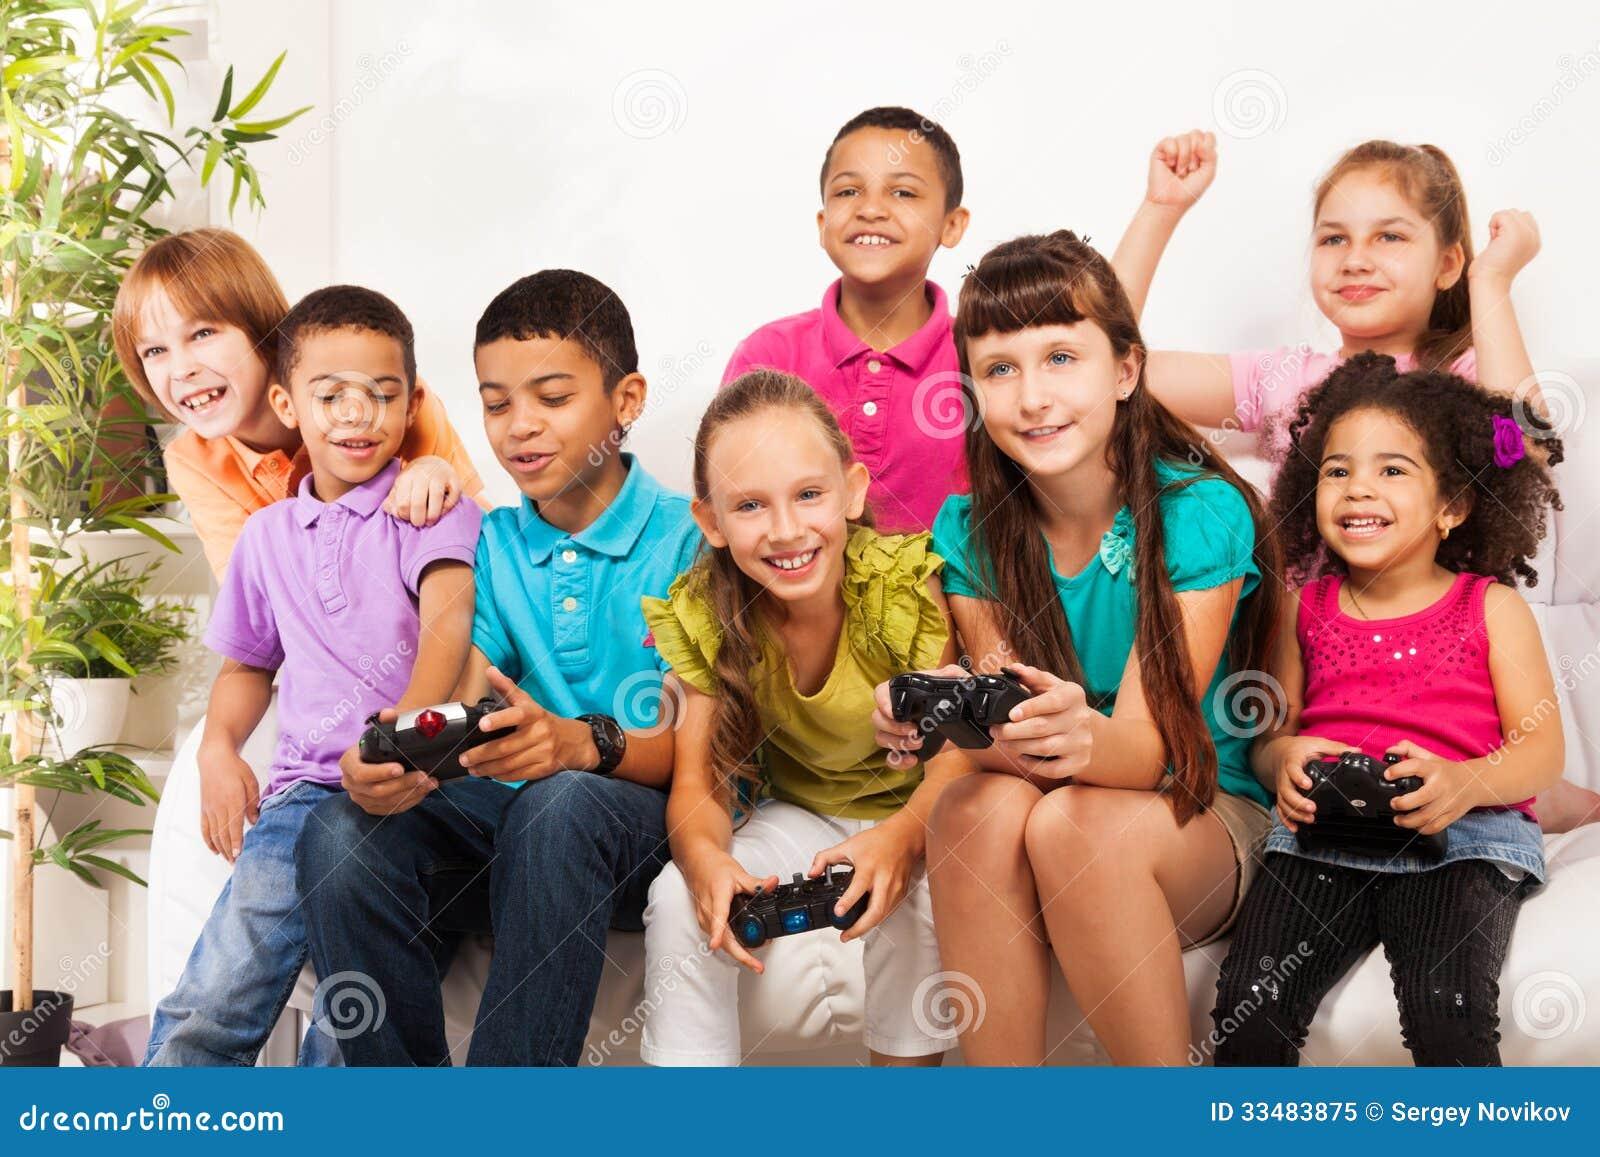 Computerspiele FГјr Kinder Kostenlos